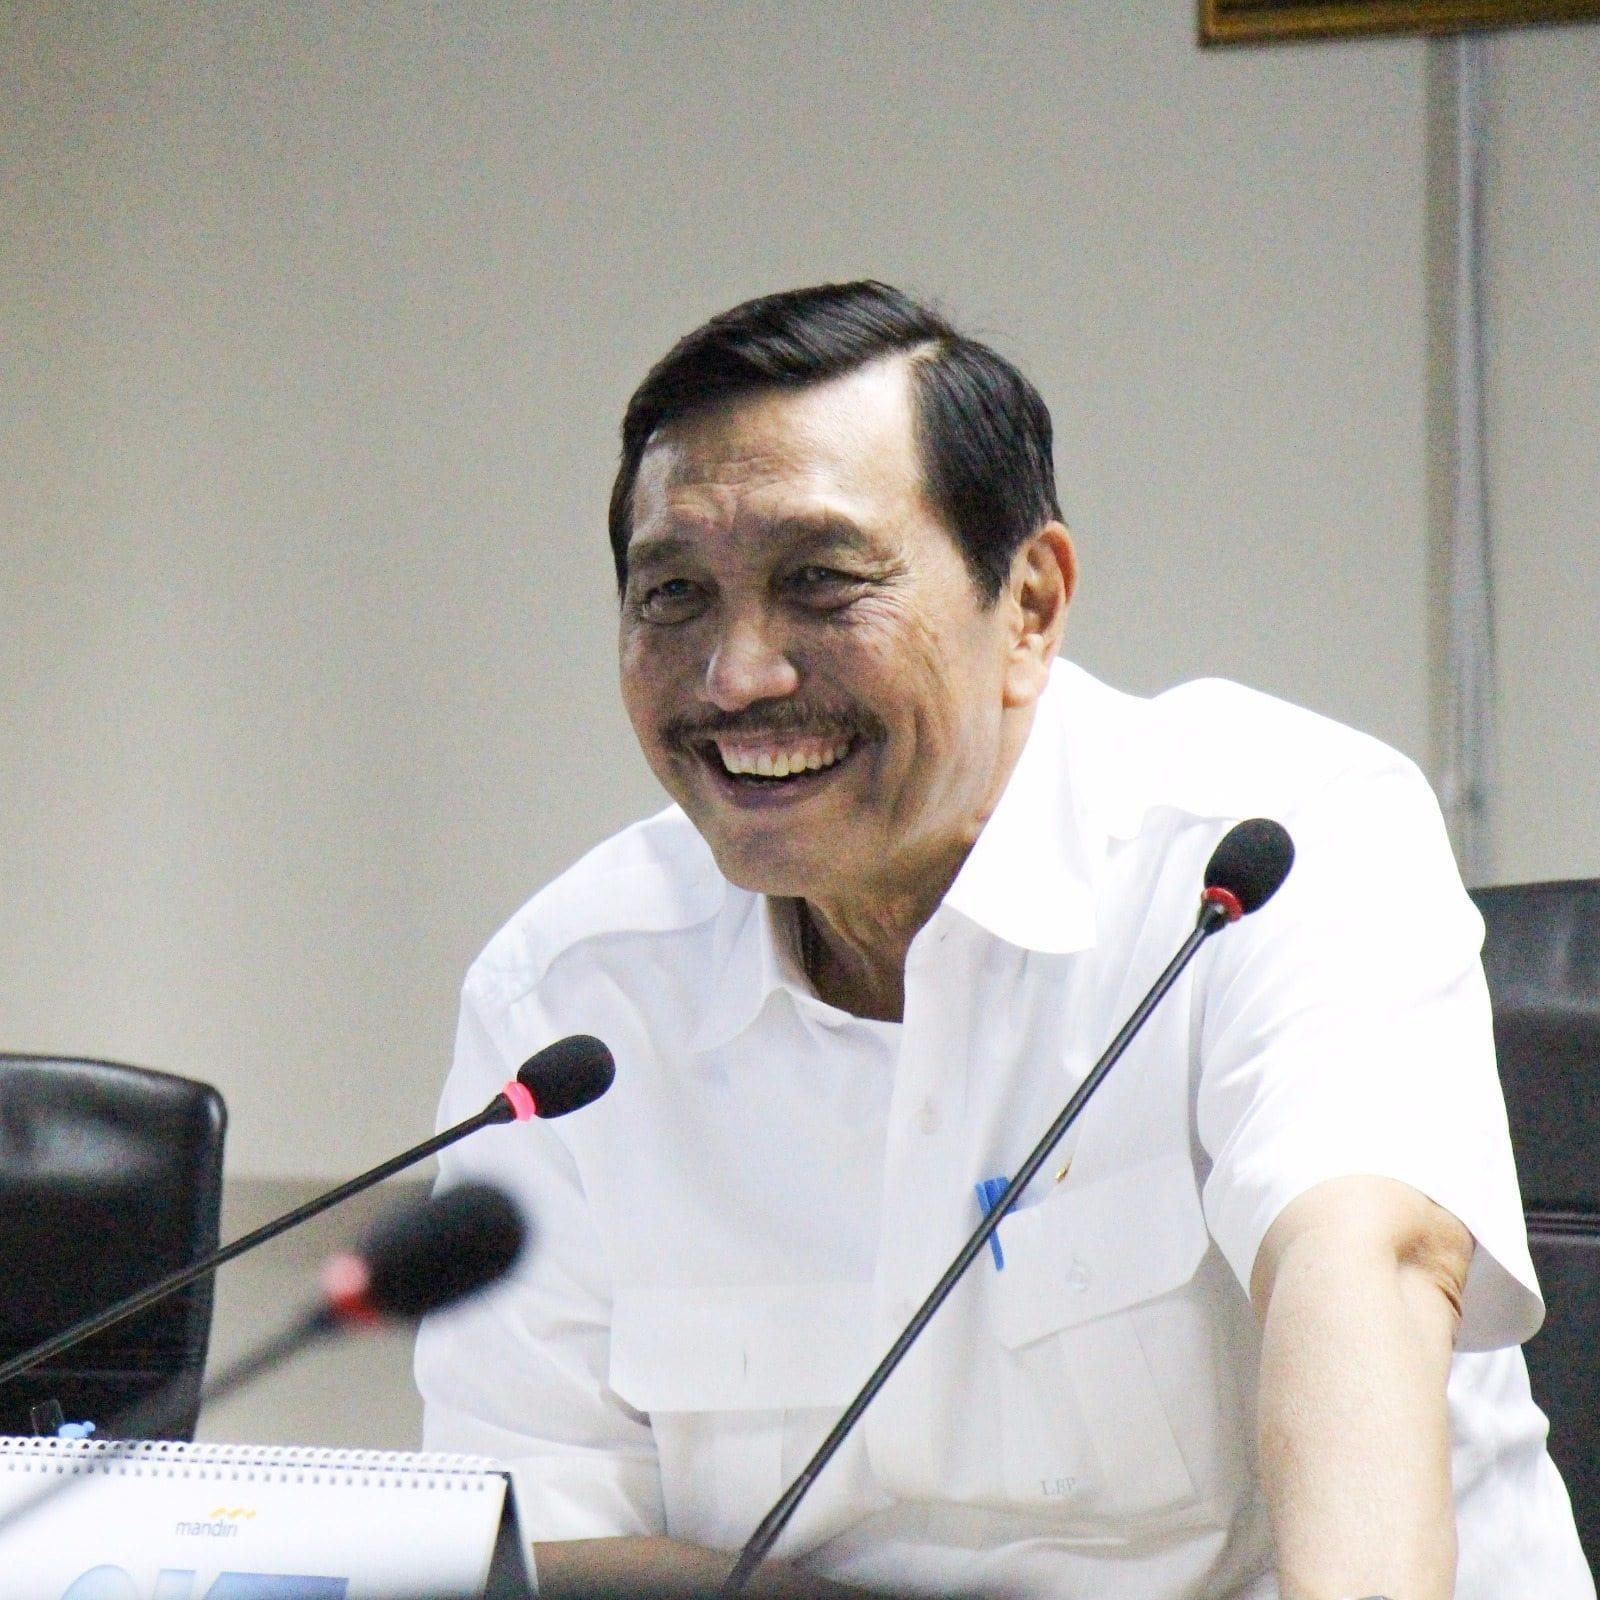 Menko Luhut Rapat Paripurna Tingkat Menteri Mengenai Pembangunan Pelabuhan Patimban dan Kereta Semi Cepat Jakarta Surabaya di Kantor Maritim